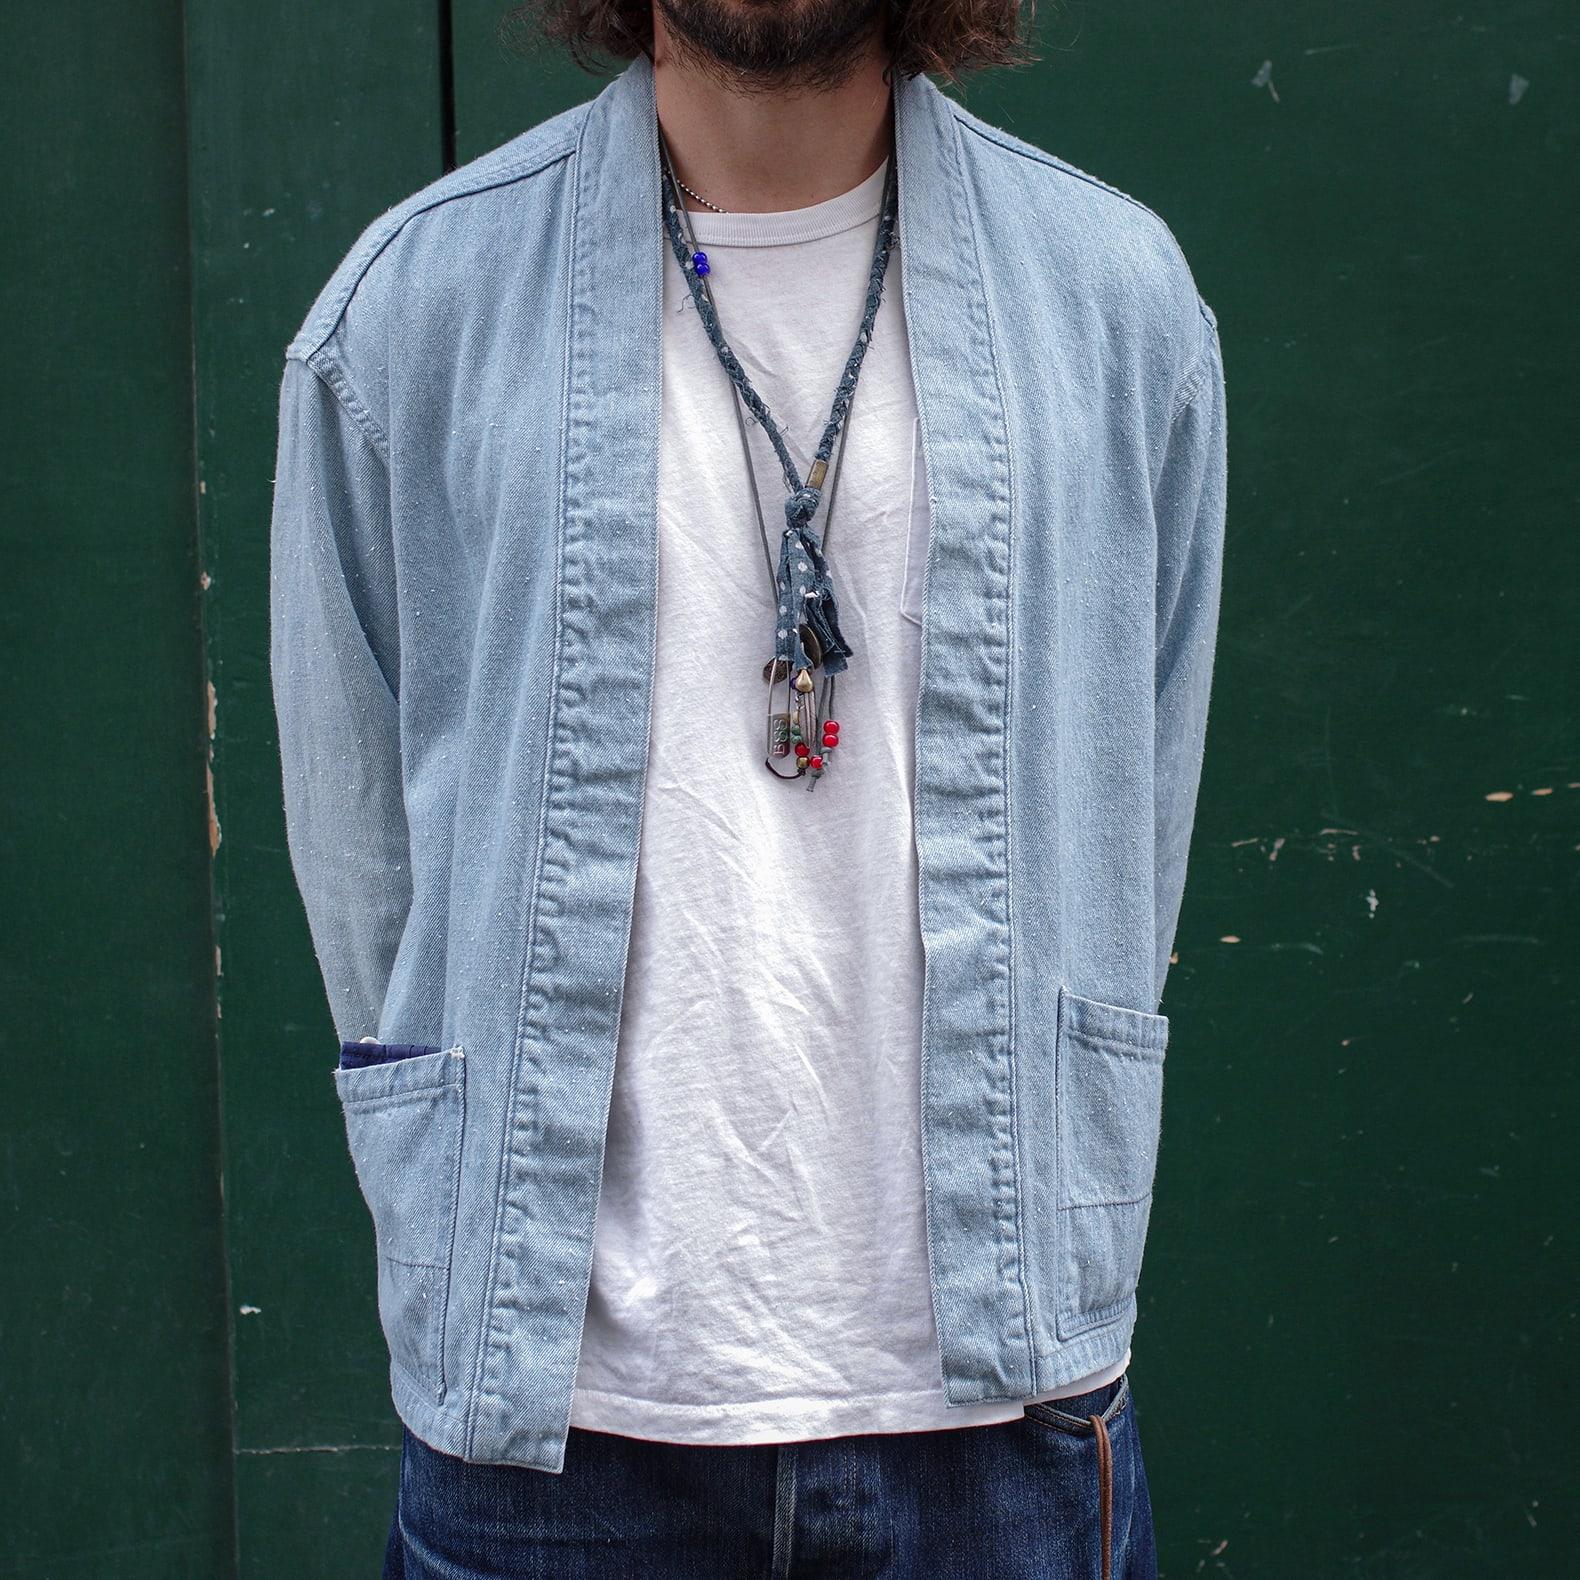 noragi borali avec collier tressé pour homme upcyclinget bijoux en argent